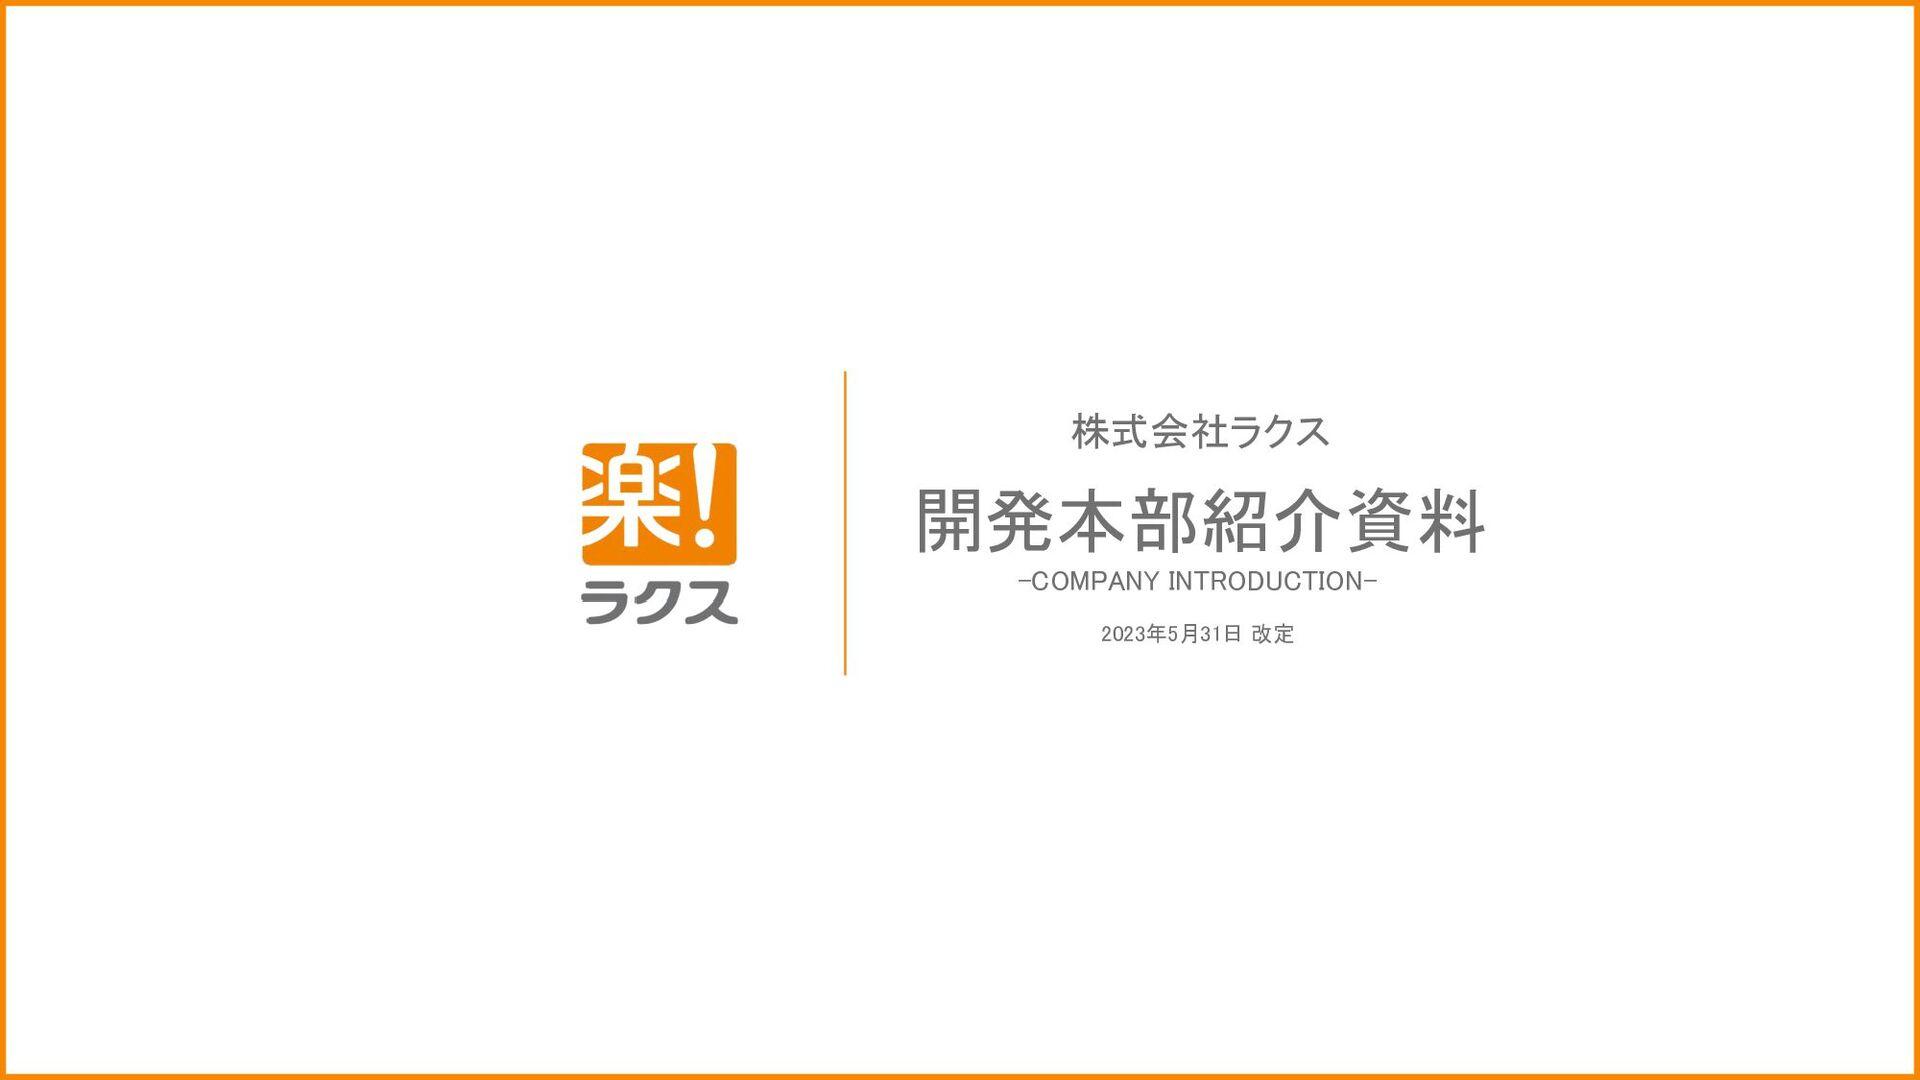 株式会社ラクス 開発本部紹介資料 -COMPANY INTRODUCTION- 2020年9月...